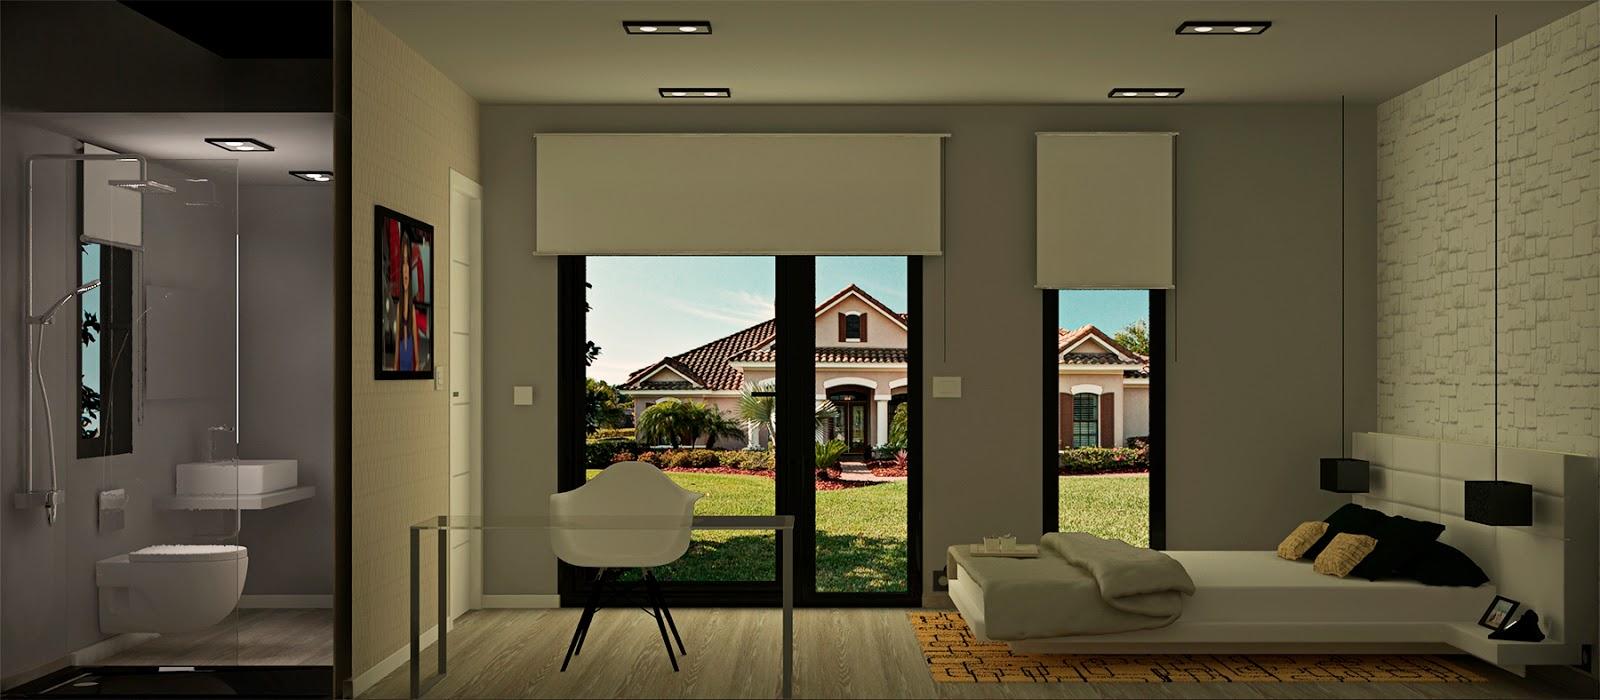 Suite 18: amplía el número de habitaciones de tu vivienda - Resan ...